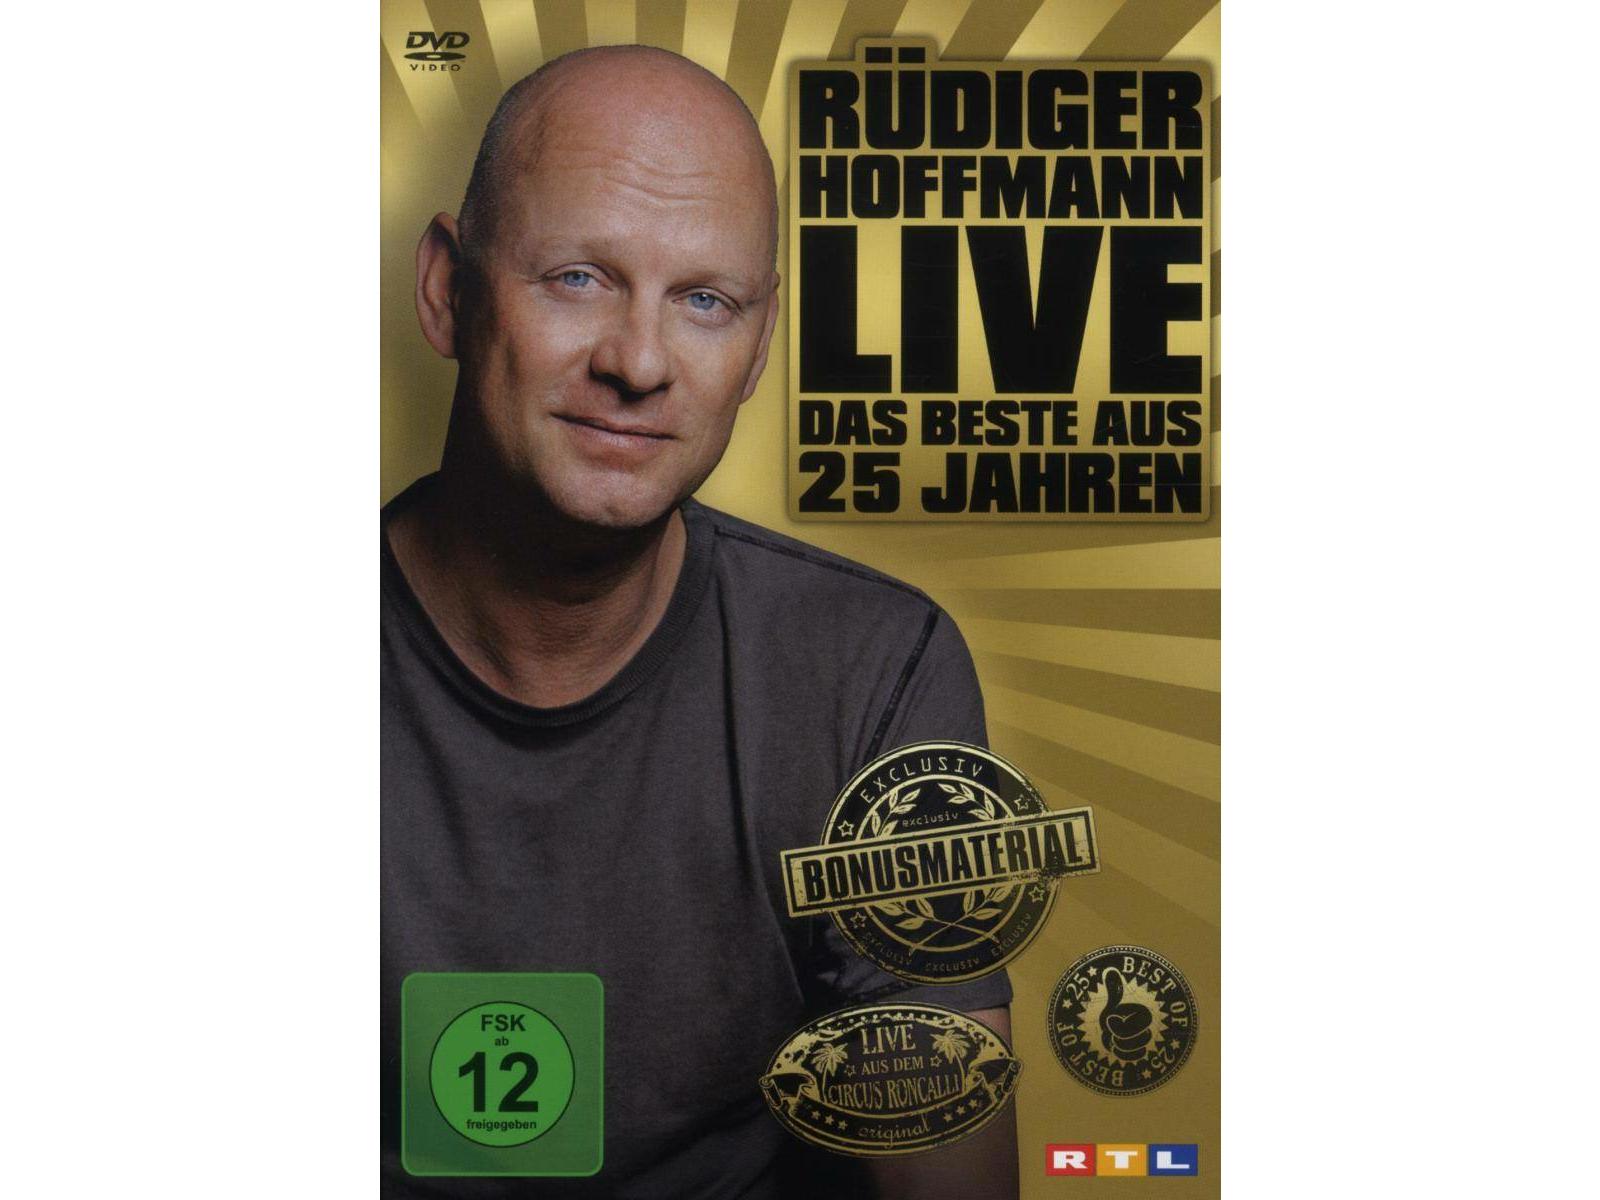 Hoffmann Rüdiger